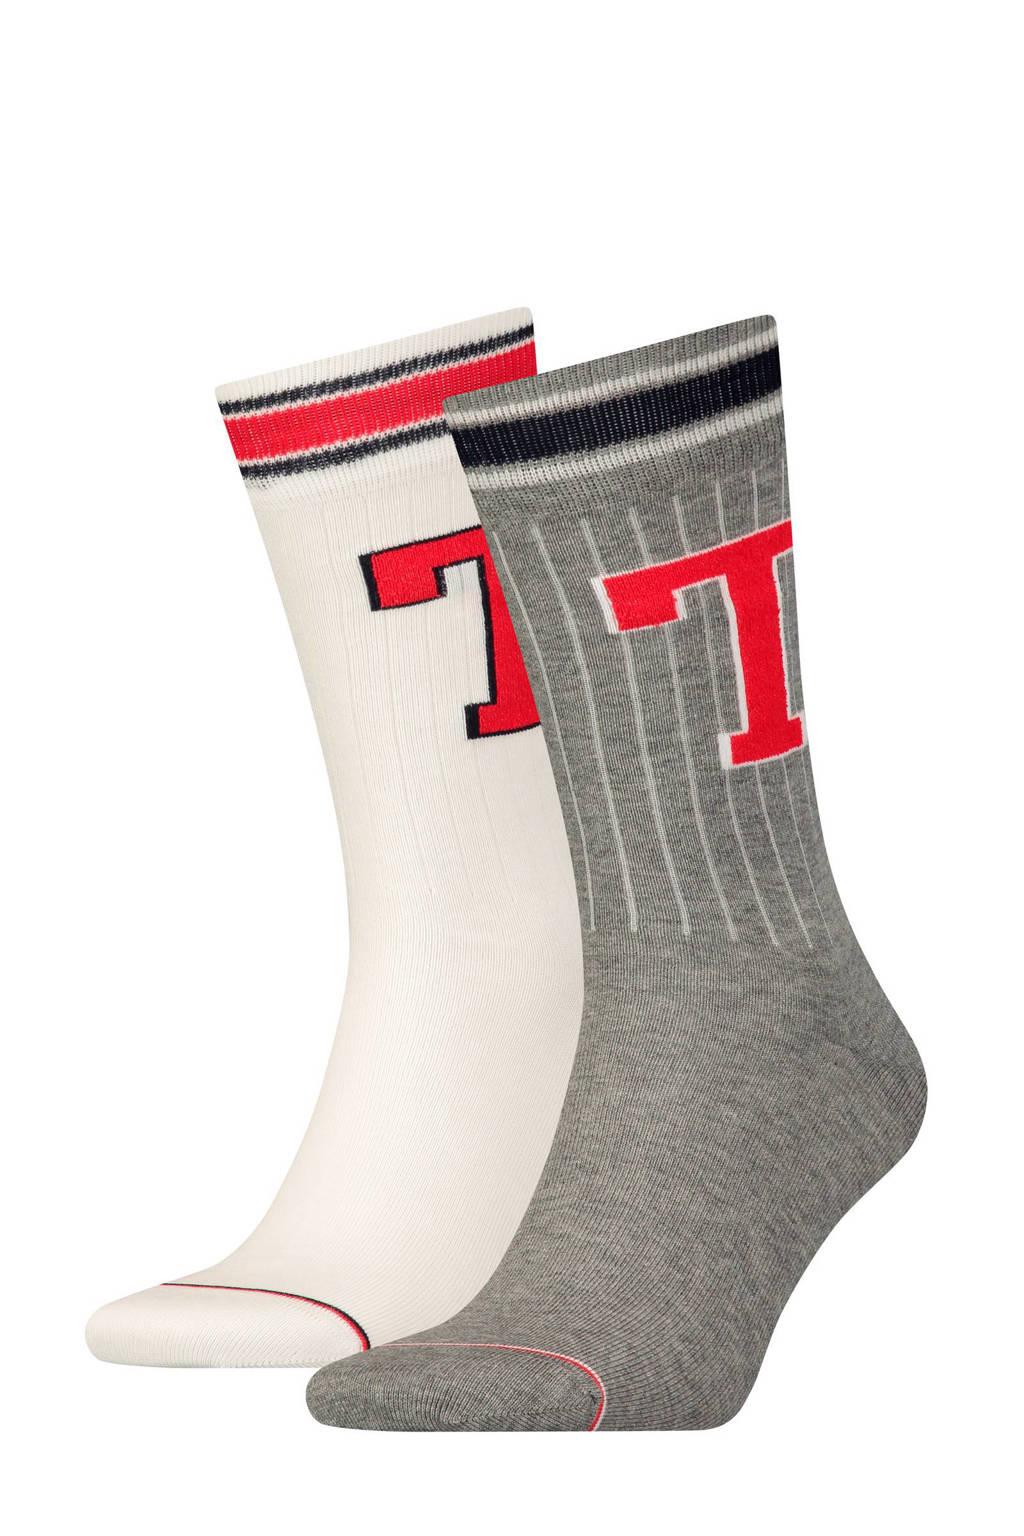 Tommy Hilfiger sokken (2 paar), Grijs/wit/rood/donkerblauw